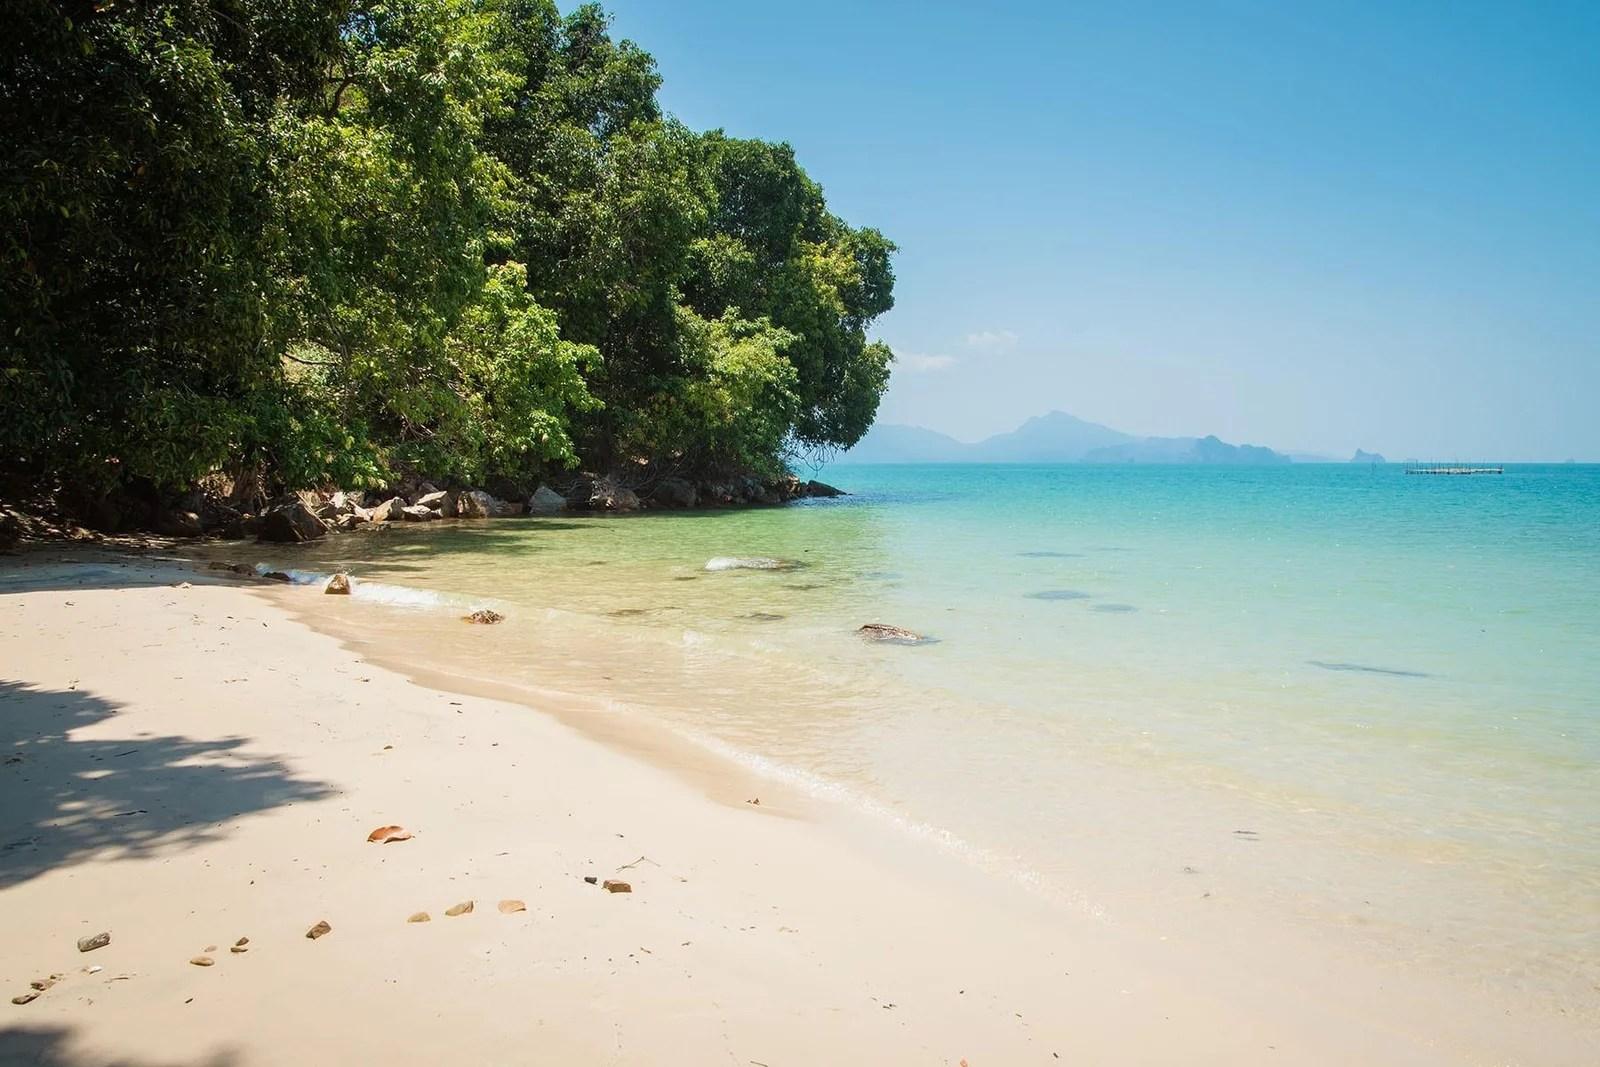 plage de pasir tengkorak langkawi - malaisie